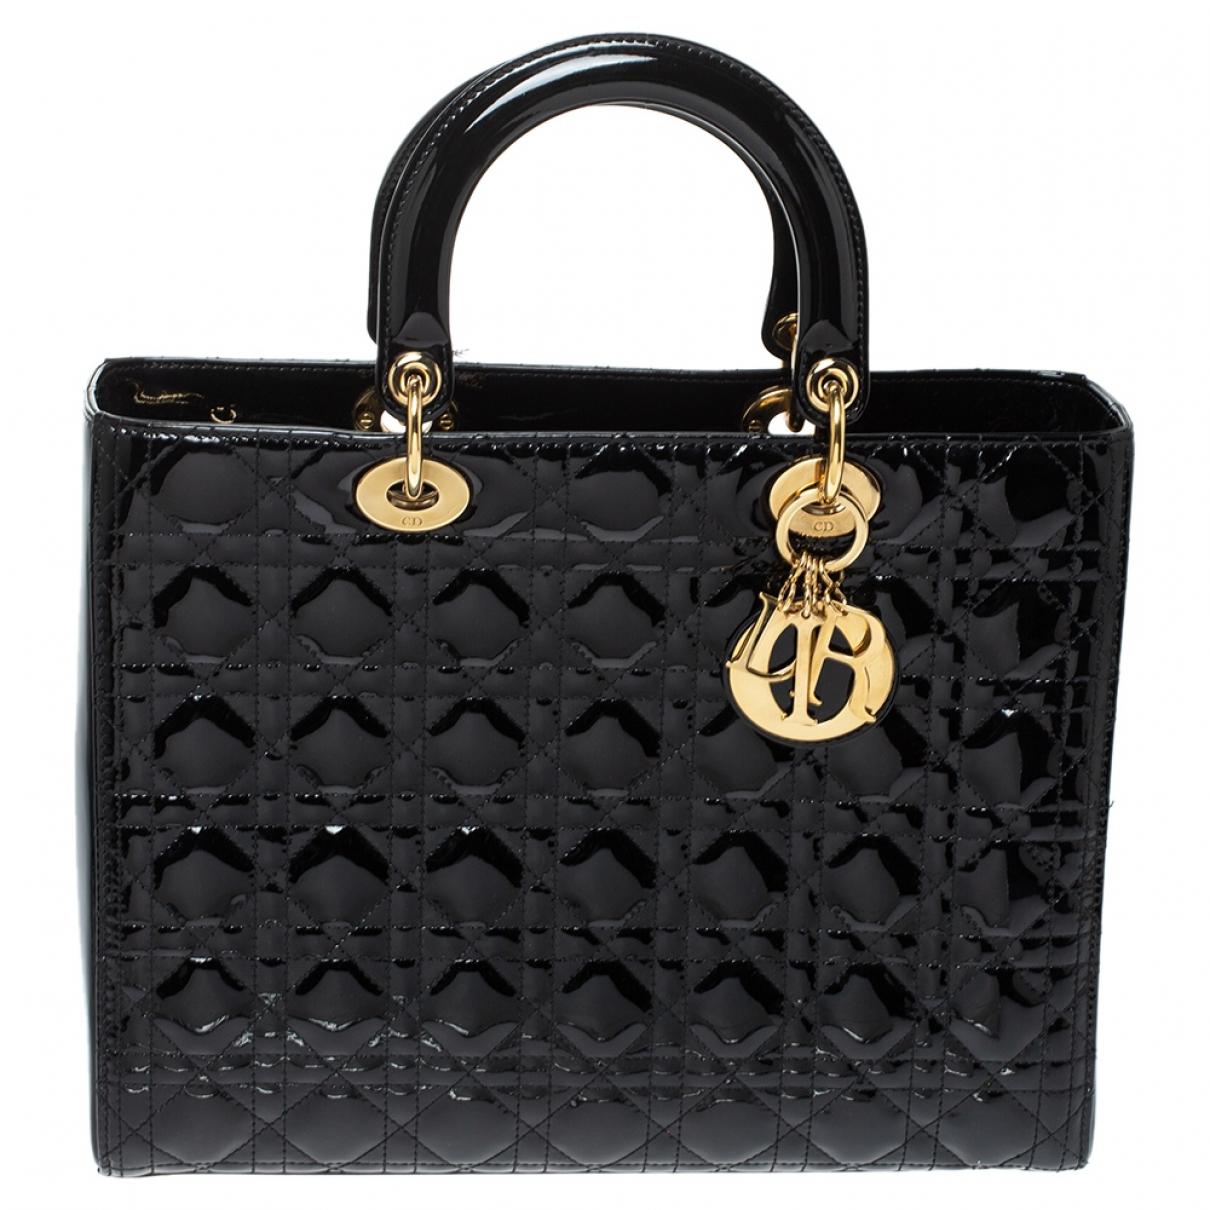 Dior Lady Dior Handtasche in  Schwarz Lackleder